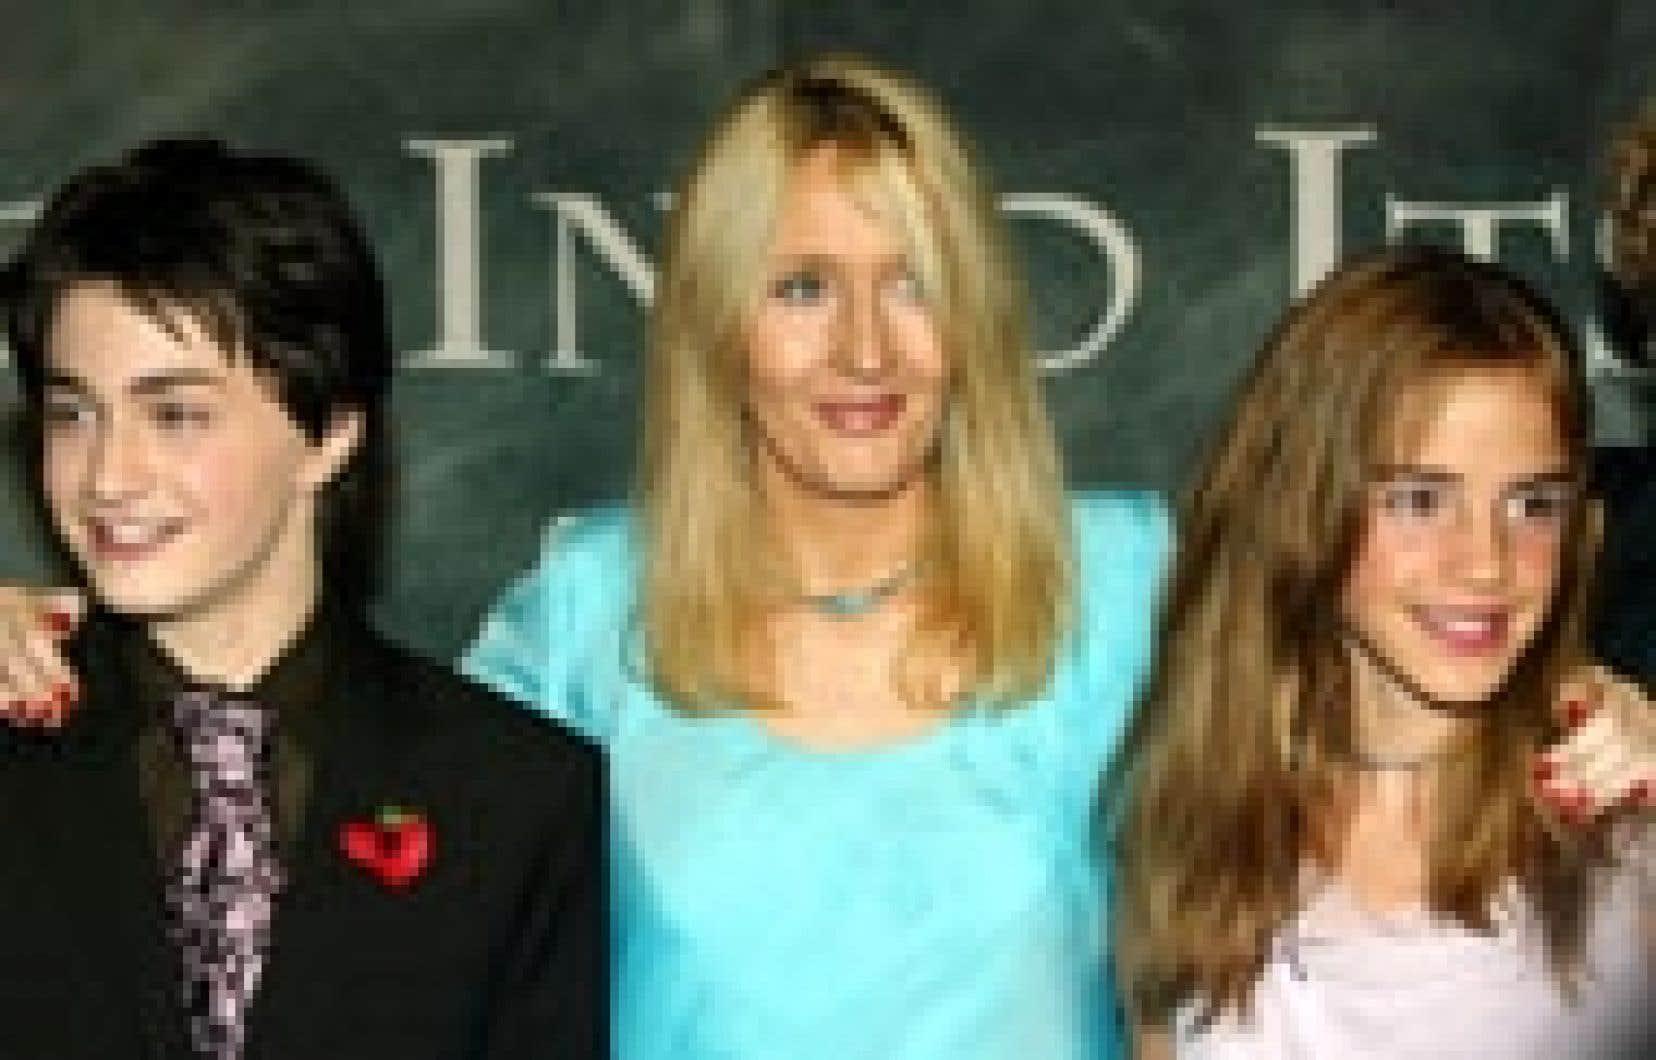 L'acteur qui incarne le sorcier à lunettes au cinéma, Daniel Radcliffe, et la romancière britannique J. K. Rowling se retrouveront certainement pour l'adaptation cinématographique de ce sixième volet de Harry Potter à paraître l'été procha